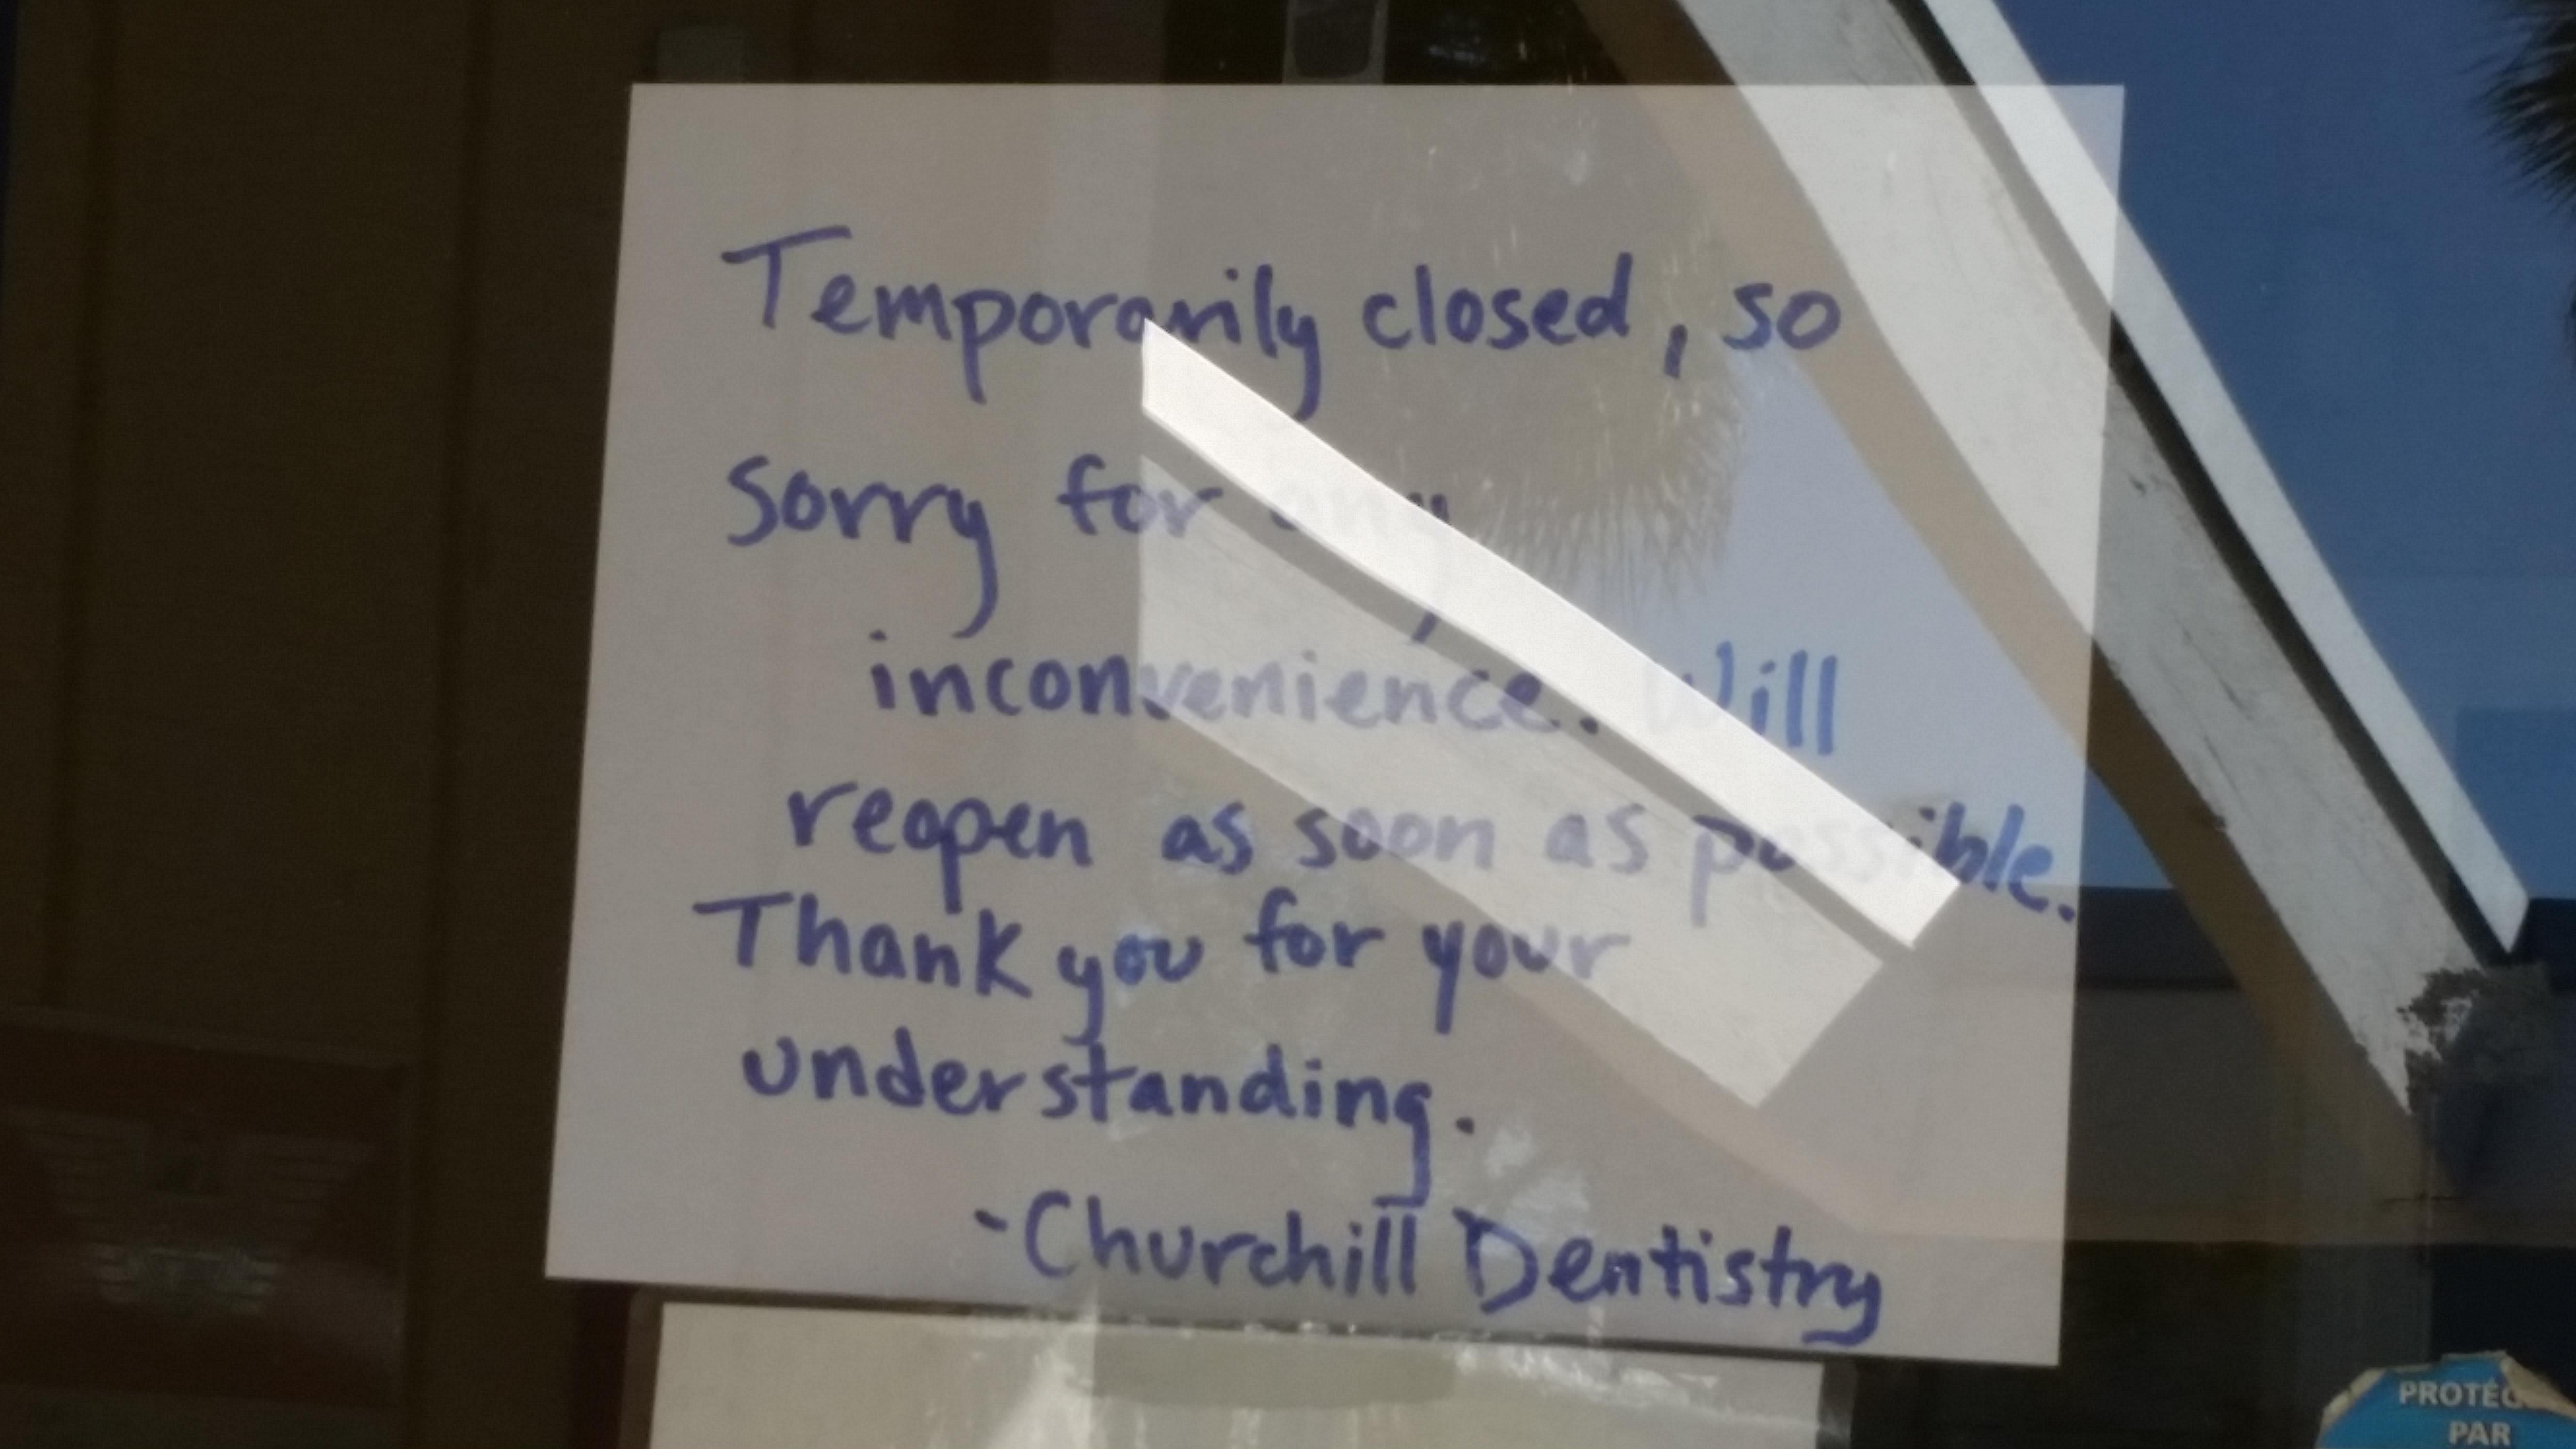 churchill dentistry3